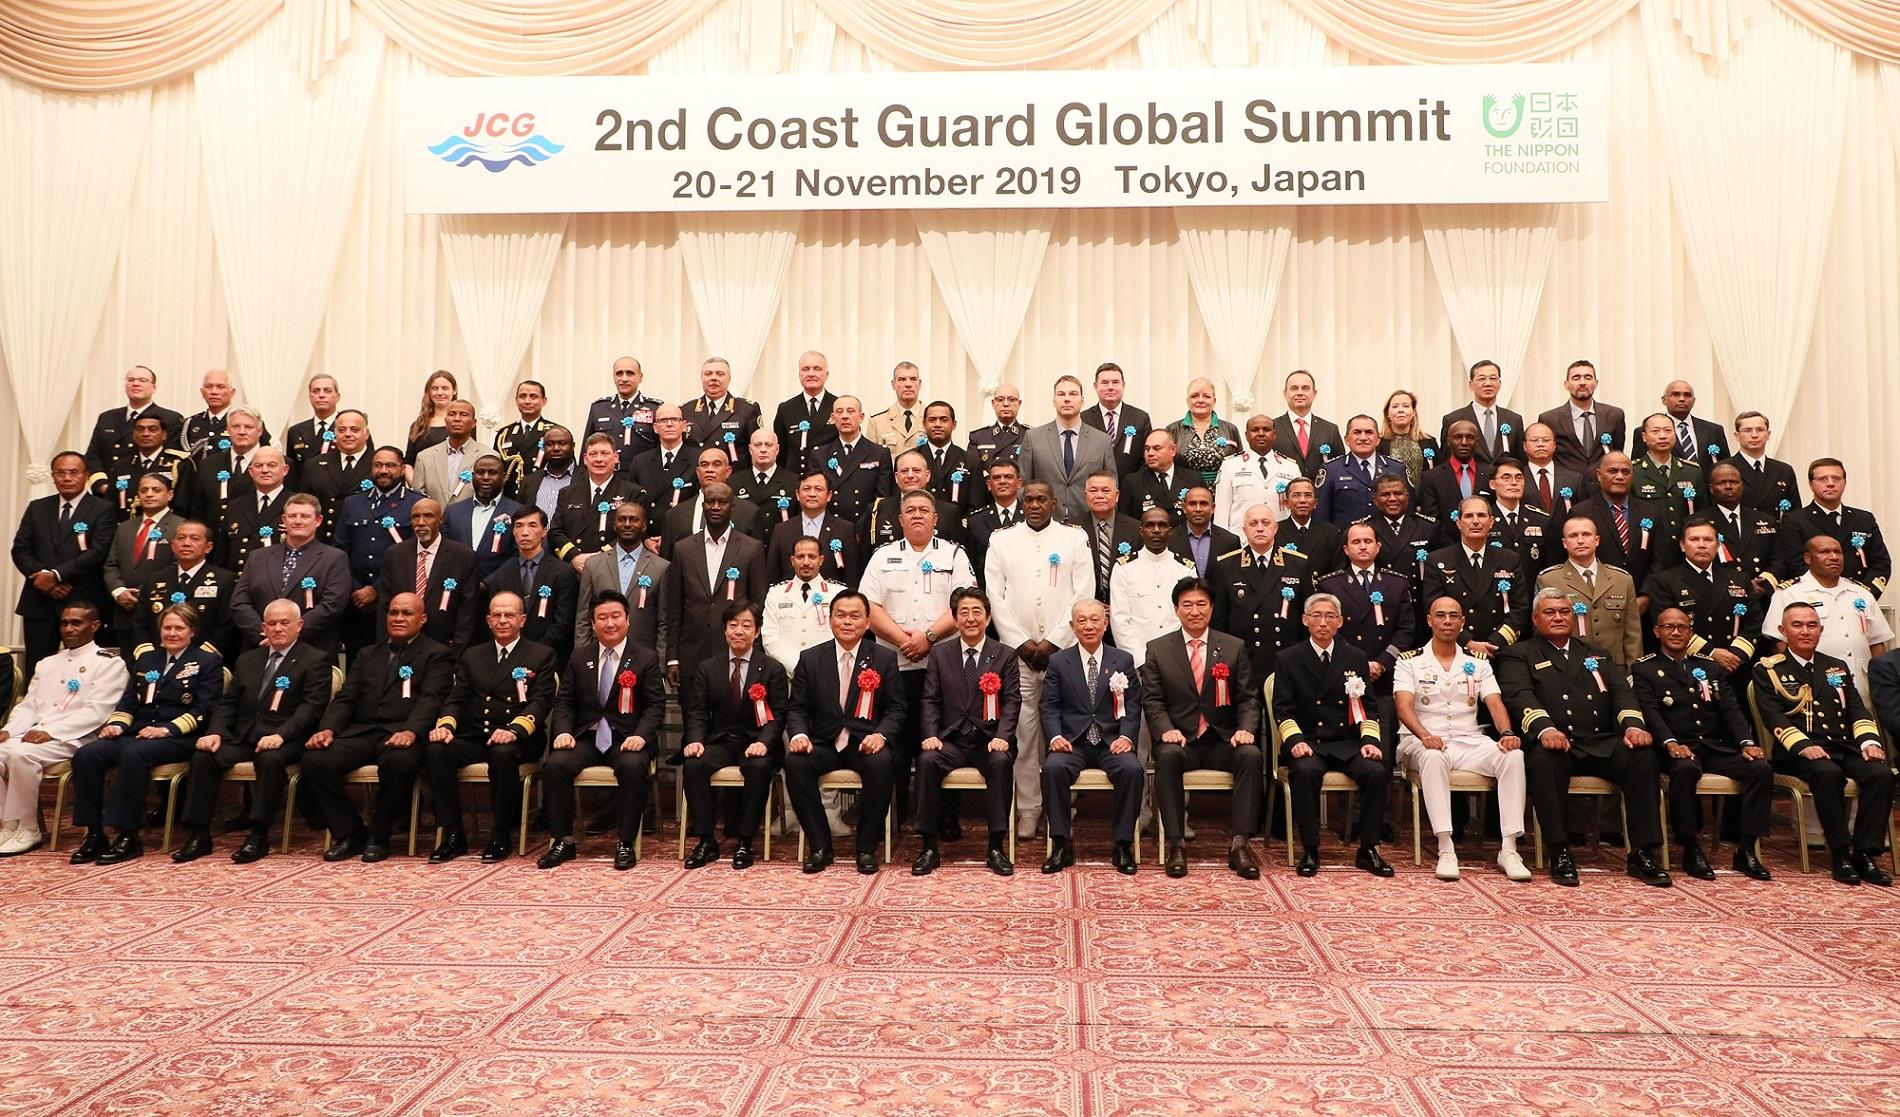 世界海上保安機関長官級会合に係るフェアウェルレセプション